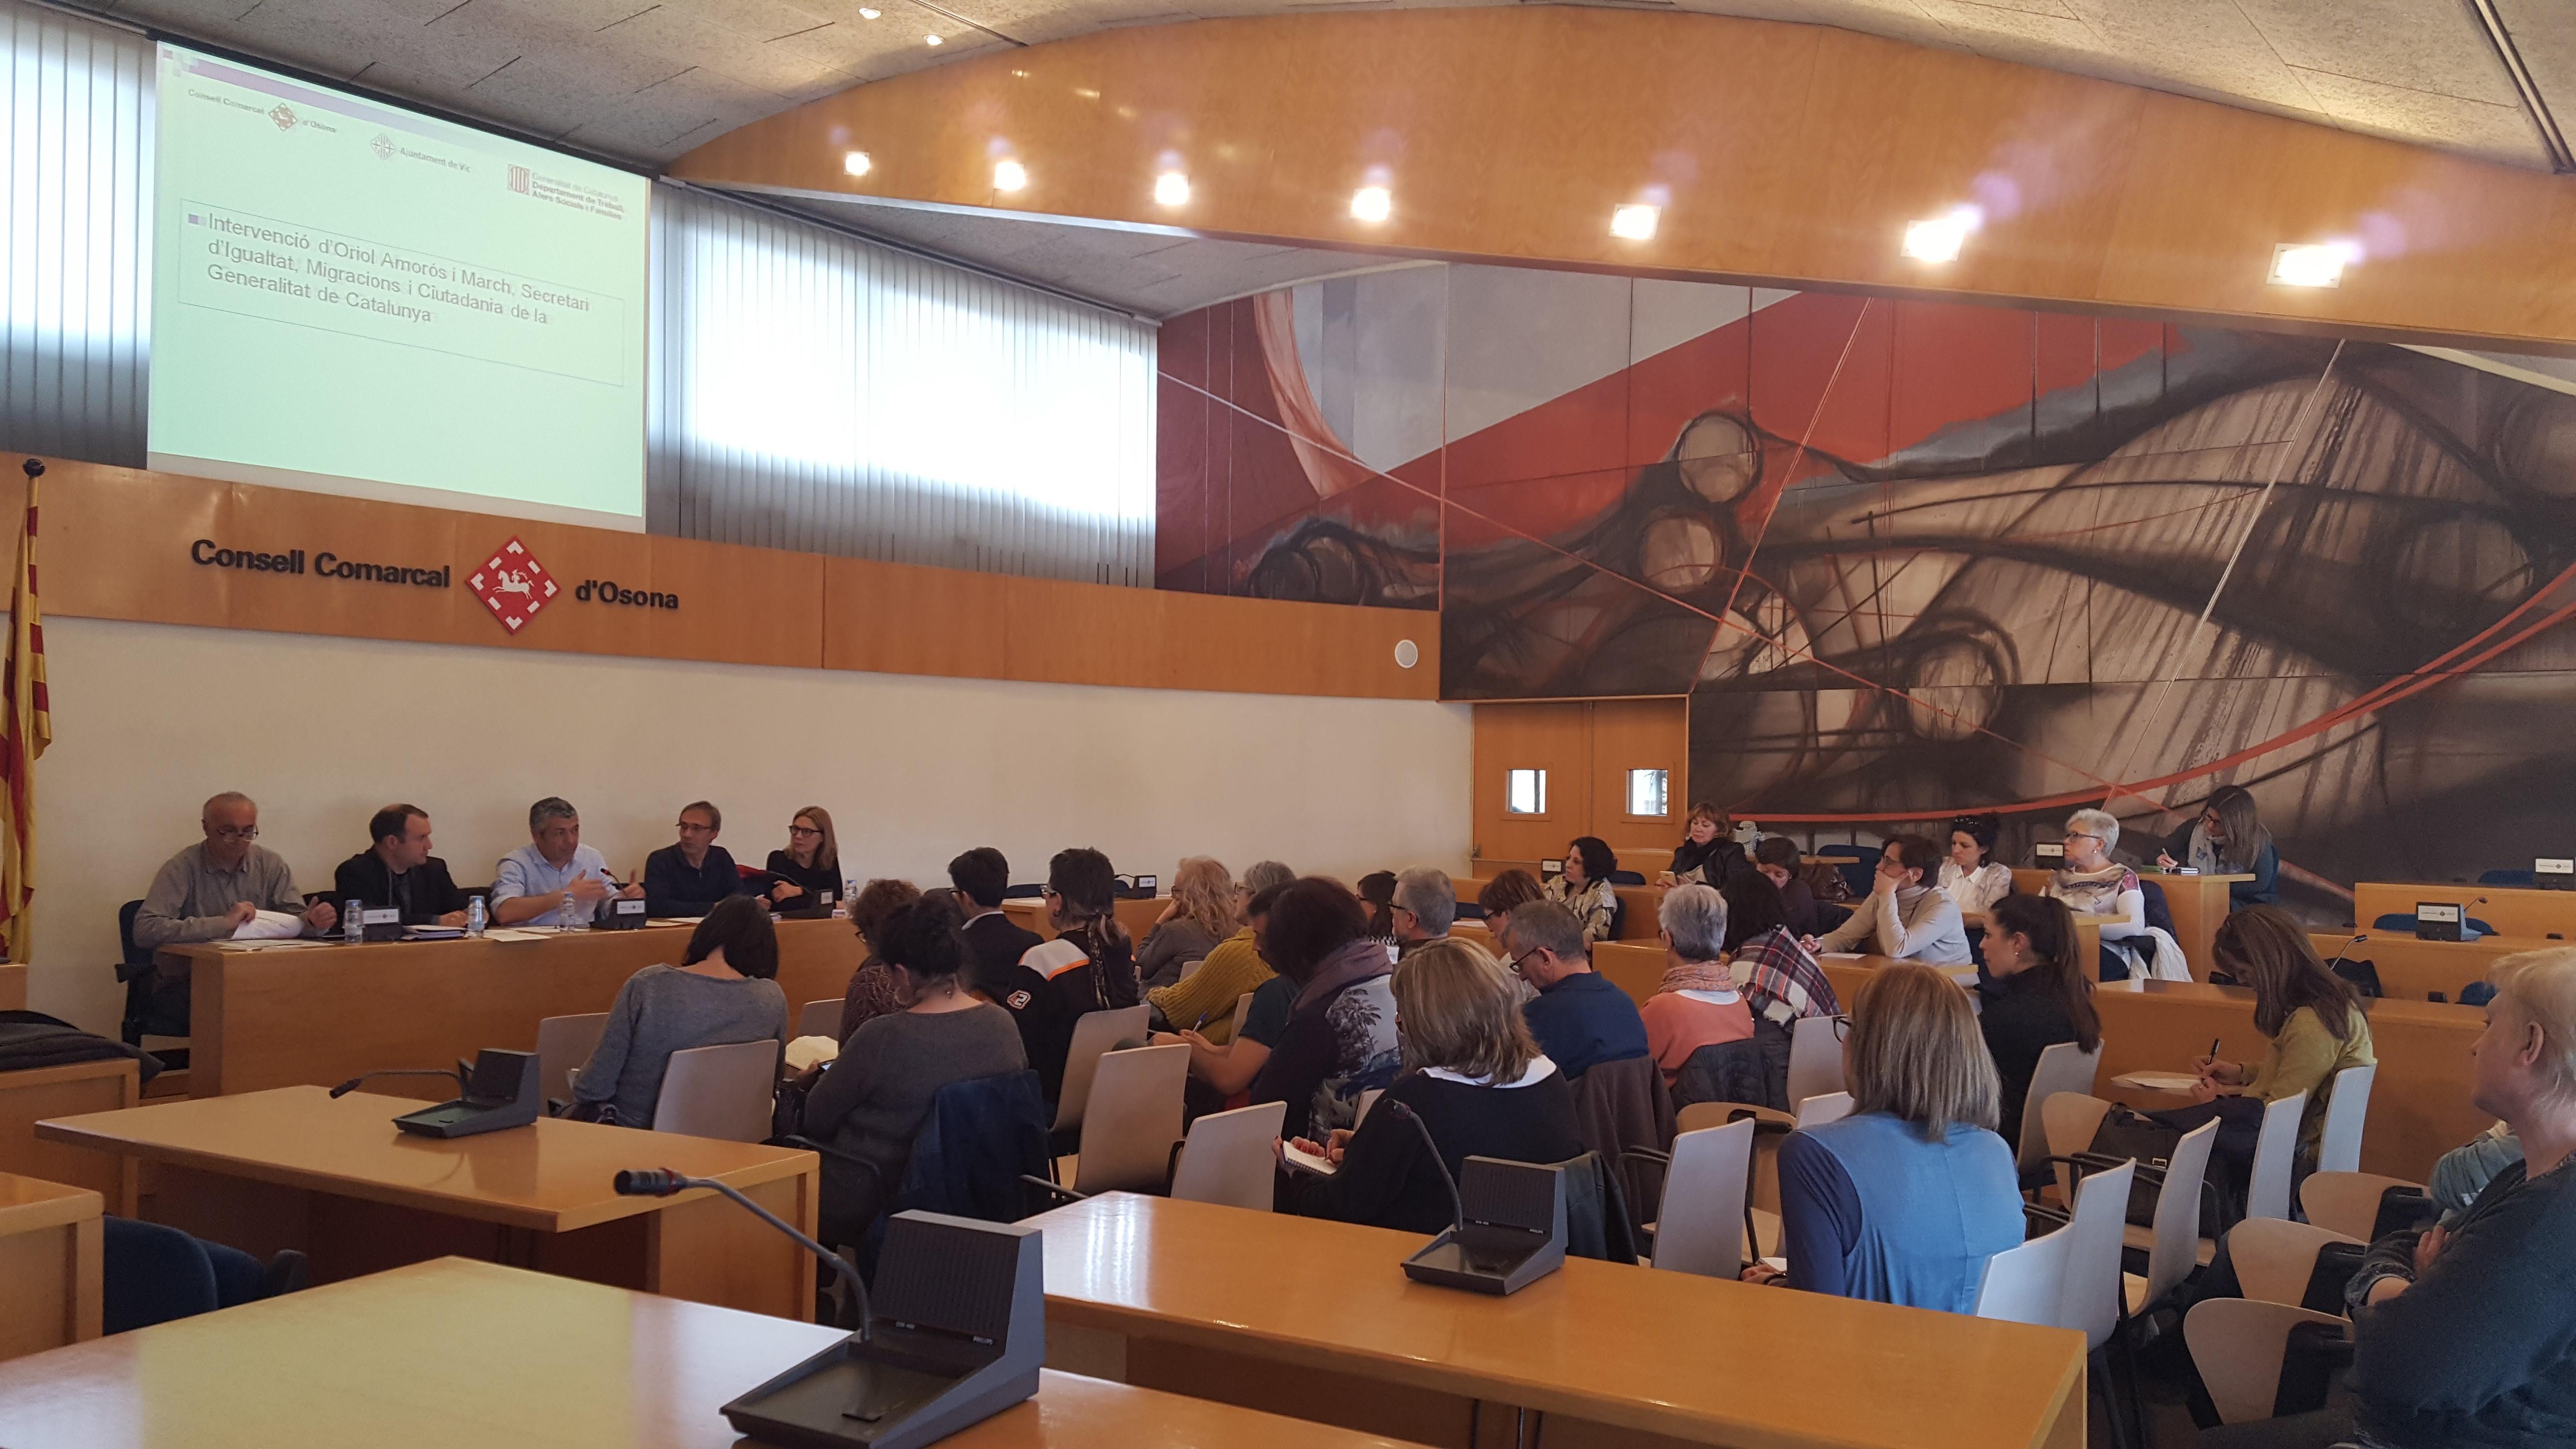 Sessió a la sala de plens del Consell Comarcal d'Osona